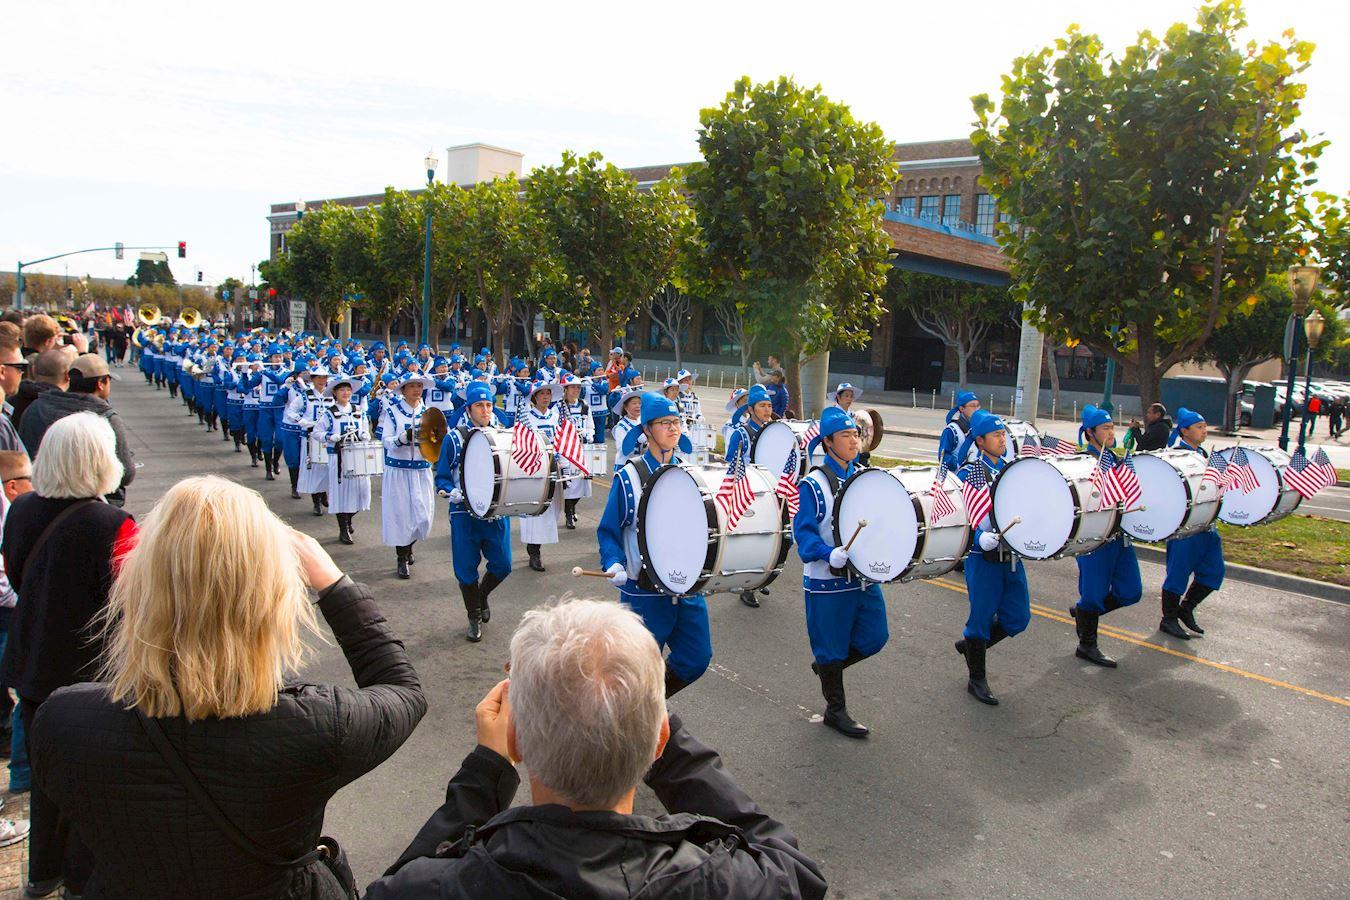 法轮功学员参加老兵节游行受欢迎。(明慧网)